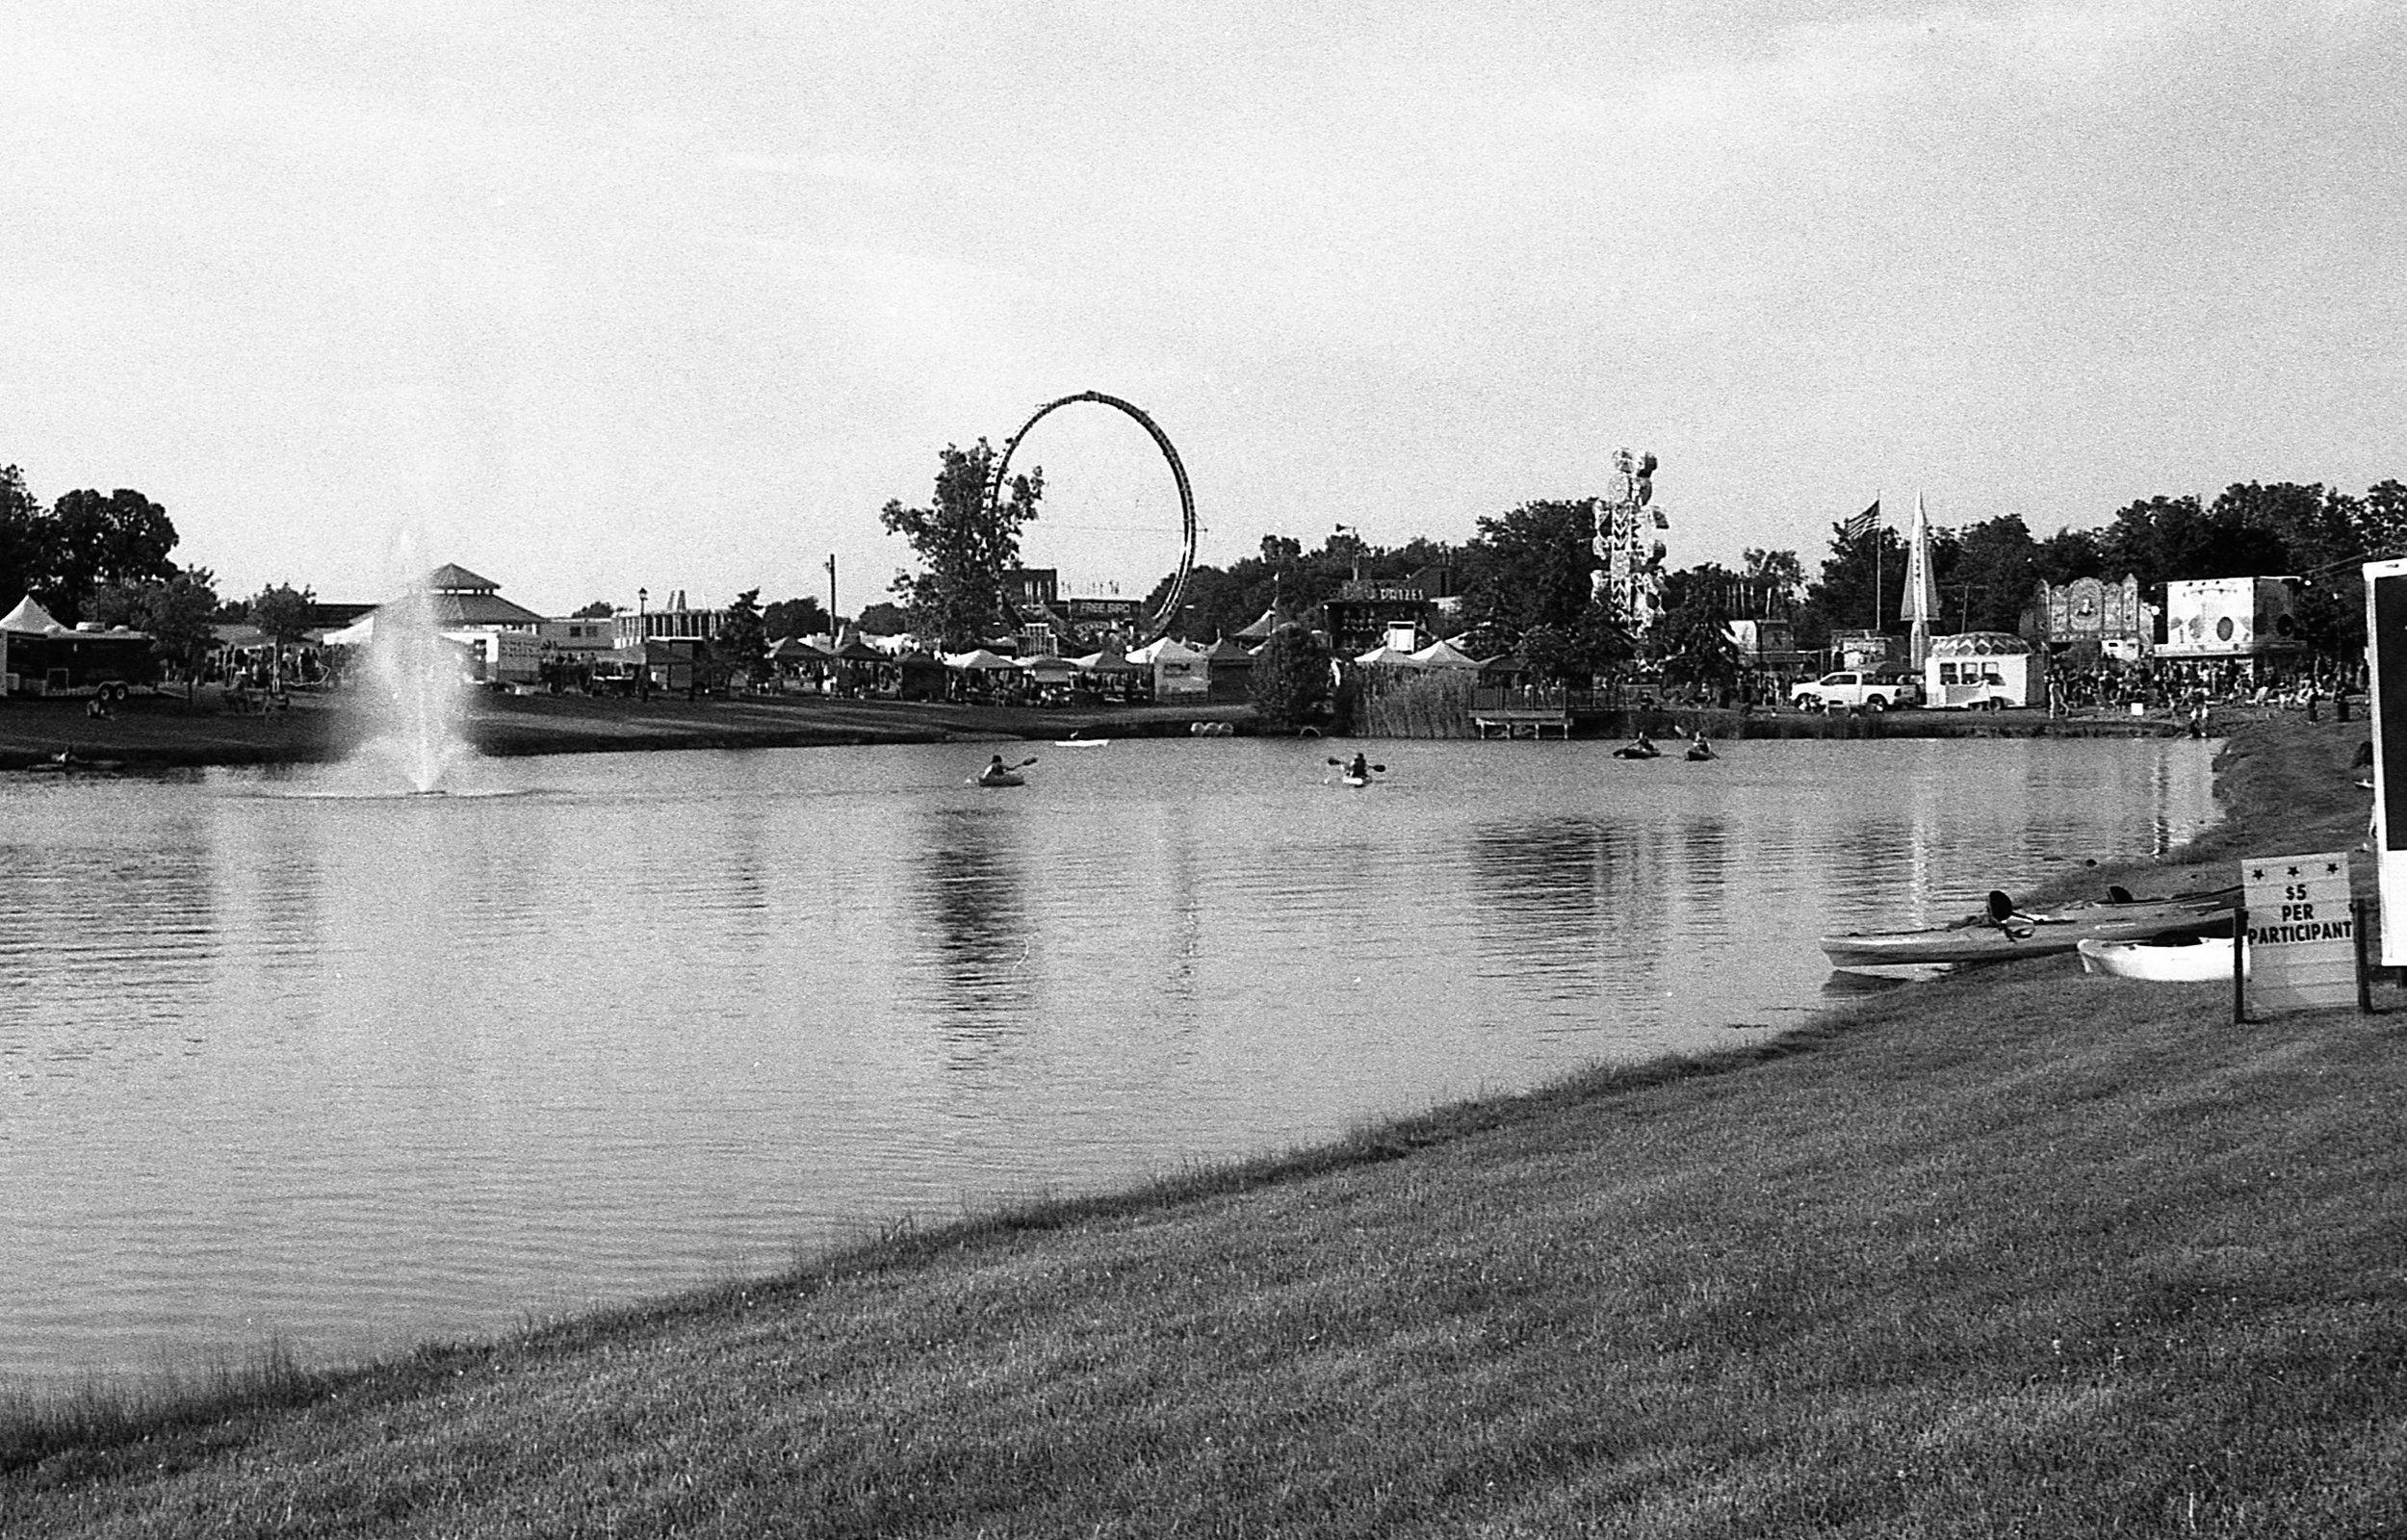 1981 Minolta X-700 Photo 35mm Film Zoe Kissel Riverview Summerfest Carnival